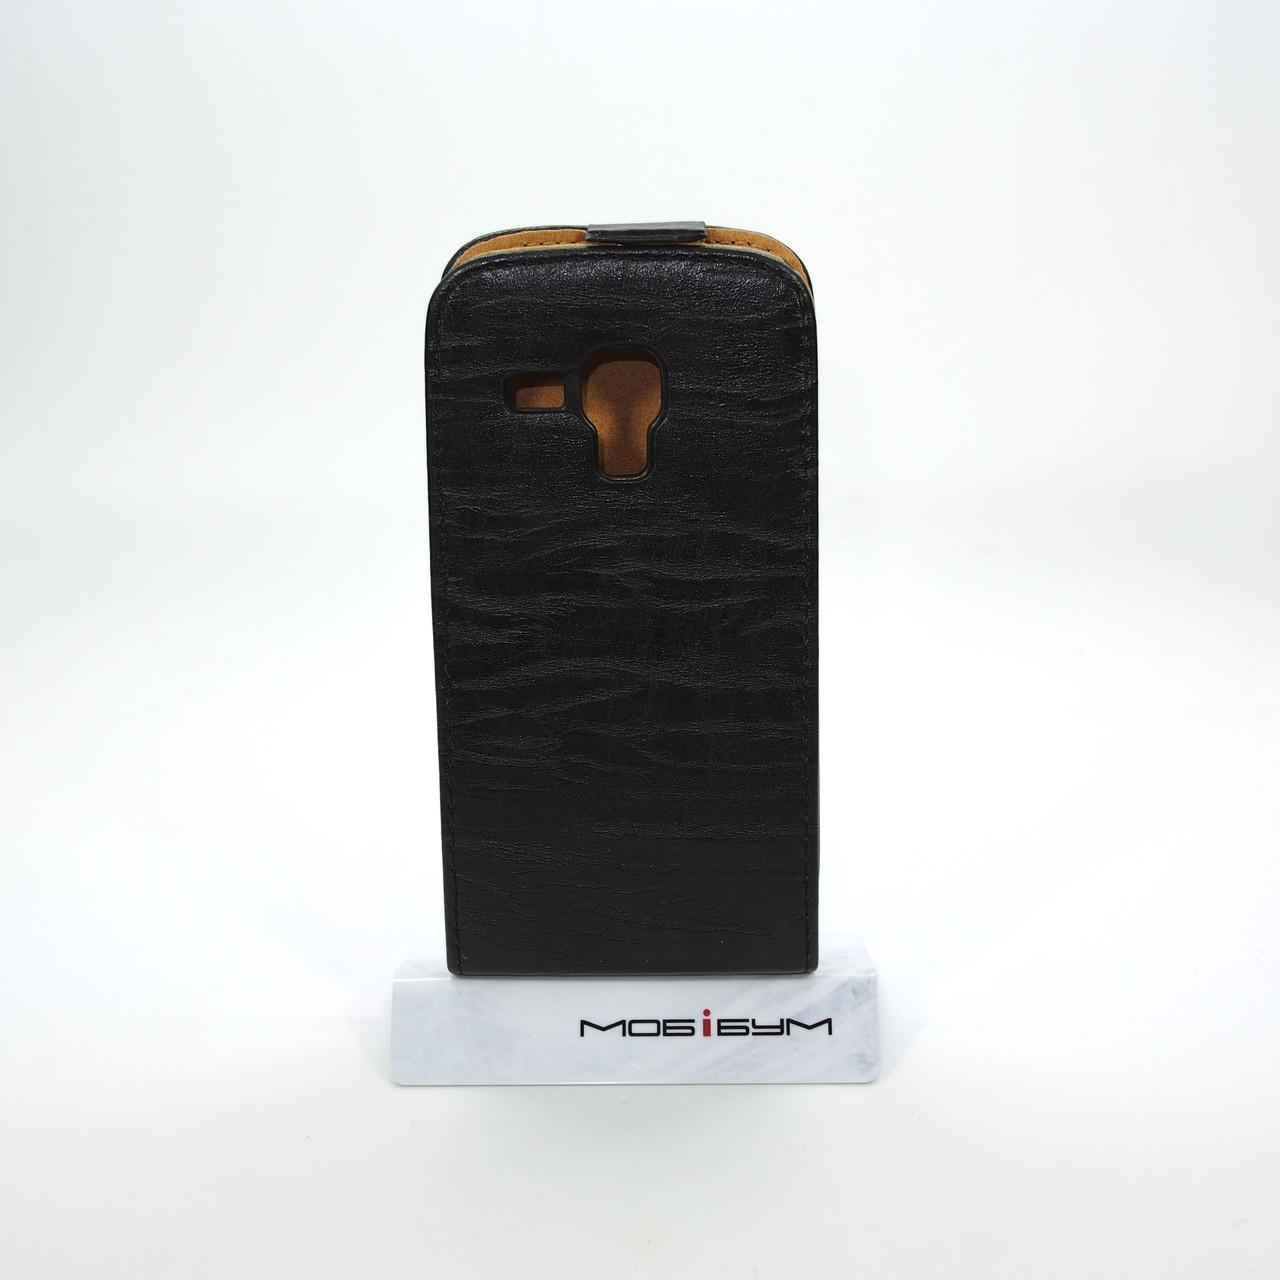 Best Samsung S7562 black Galaxy S7 Для телефона